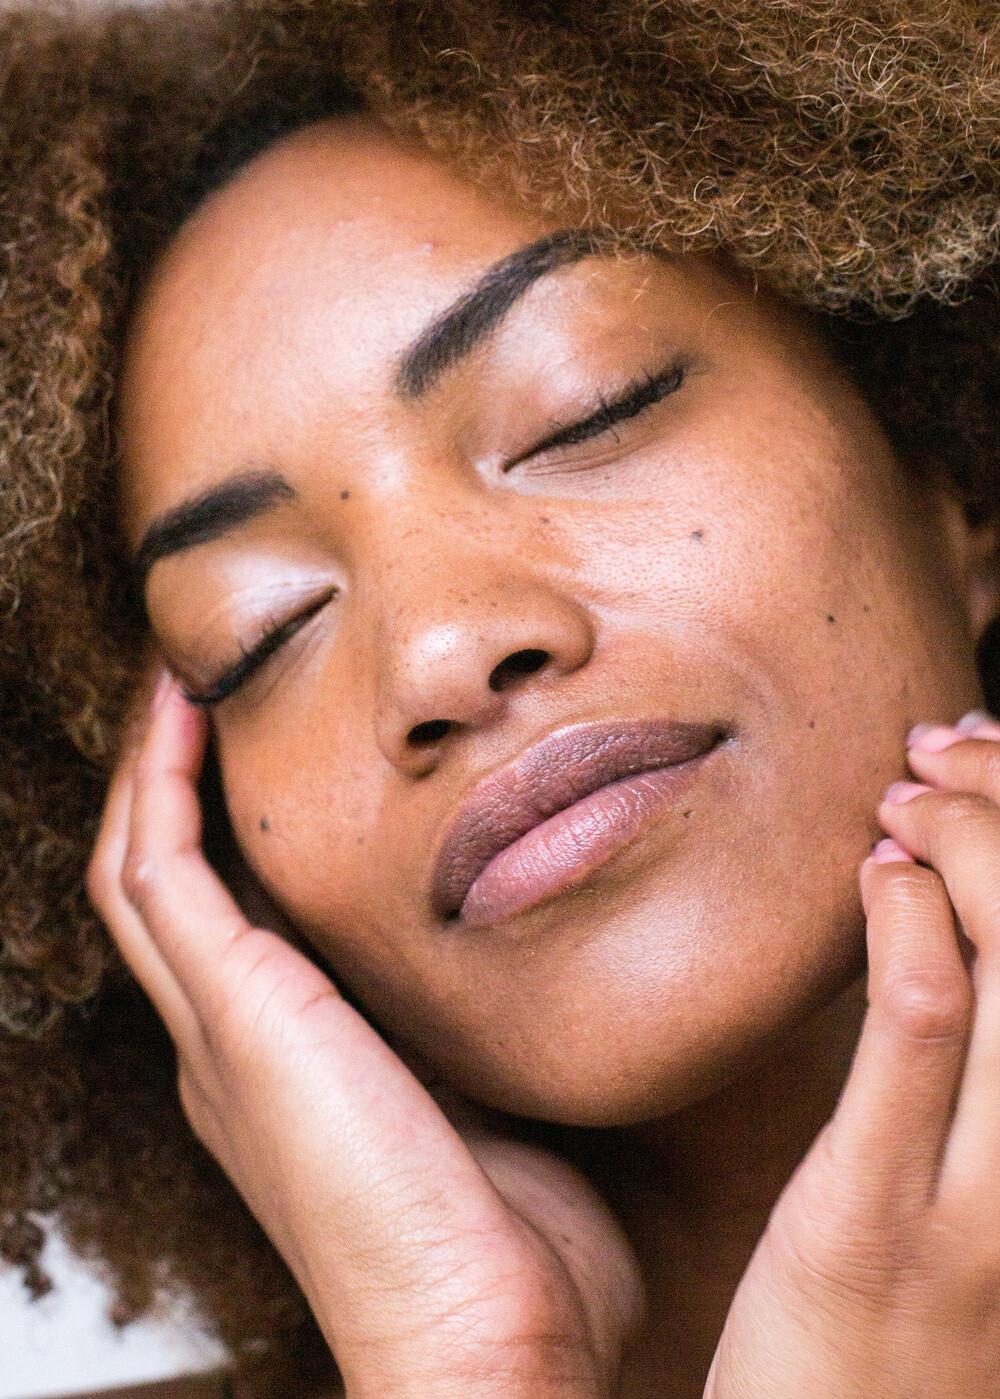 trattamento viso personalizzato per rendere la pelle più luminosa per un viso più disteso e rilassato